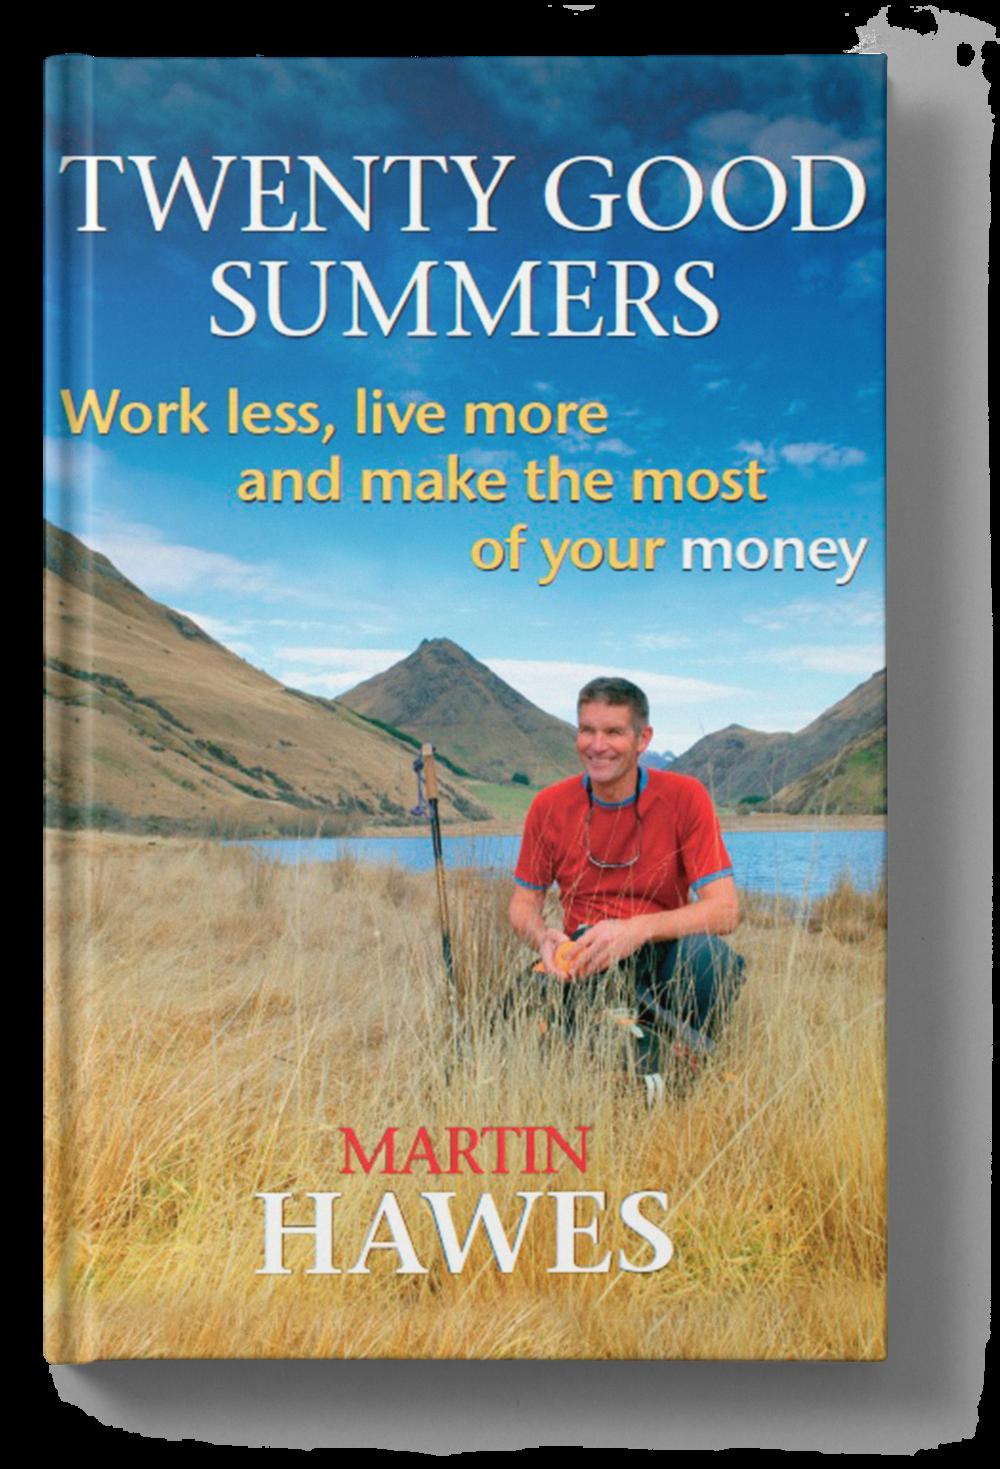 Twenty Good Summers - Martin Hawes